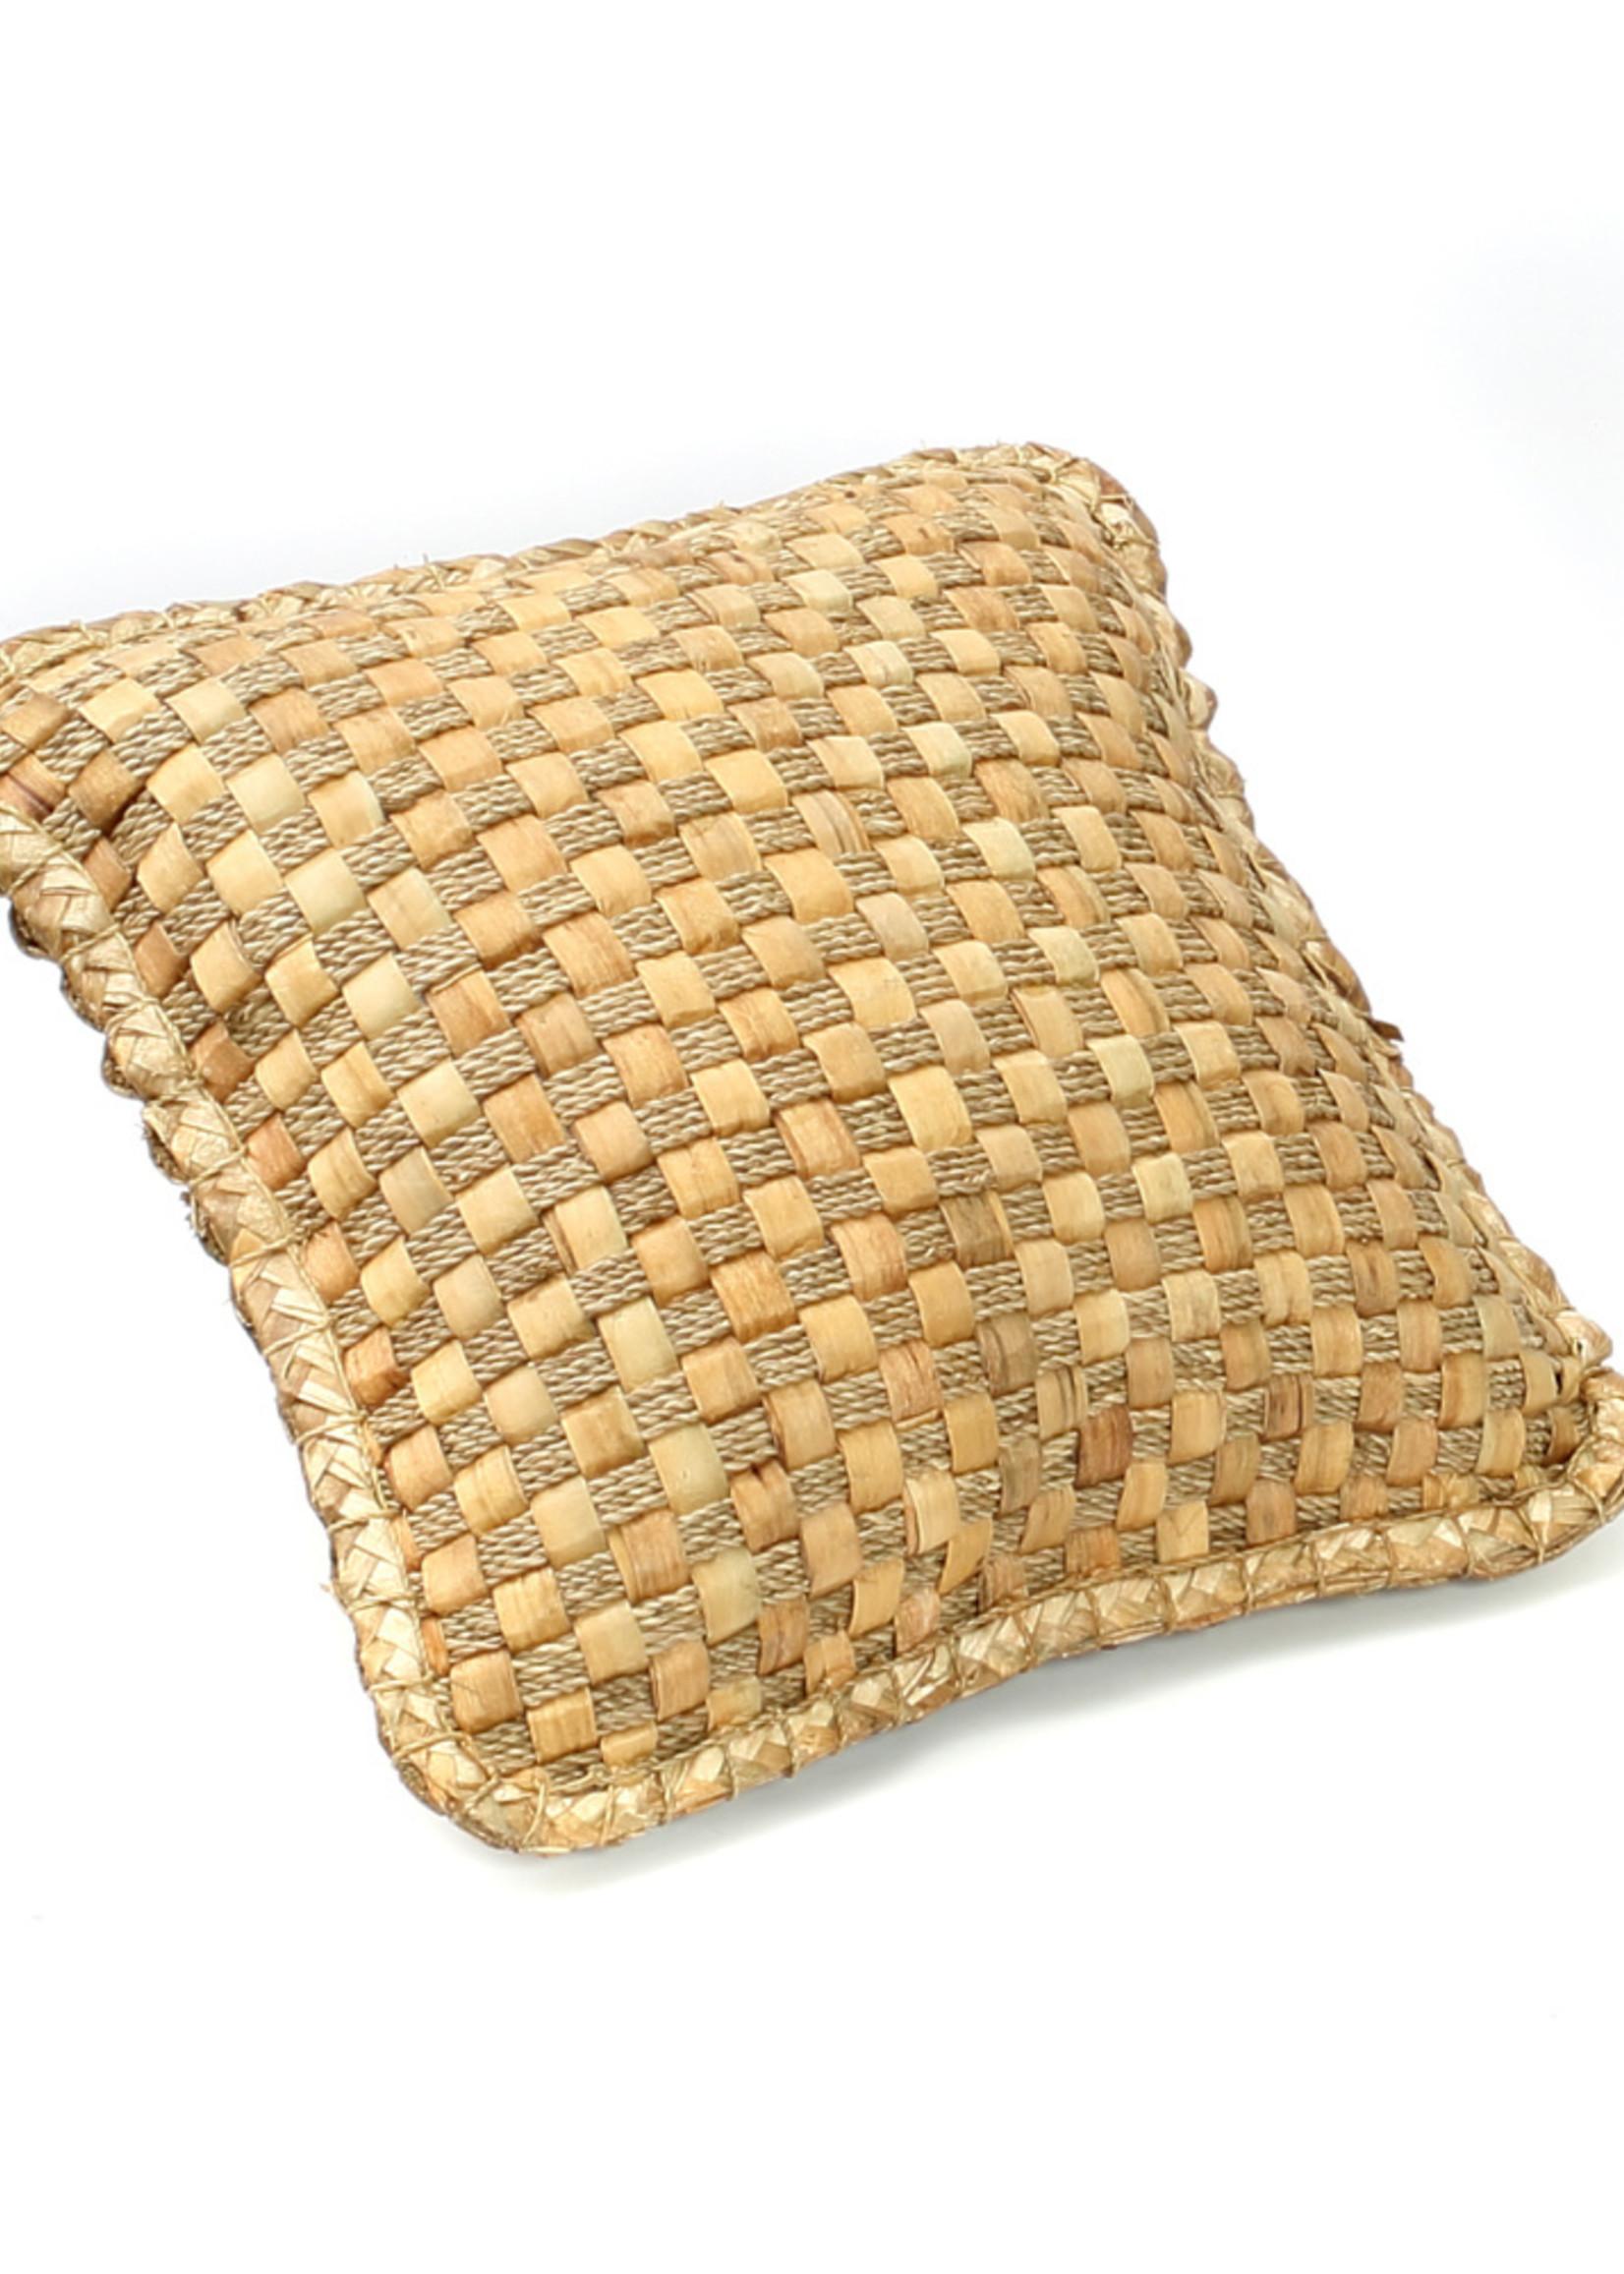 The Hyacinth Cushion - S